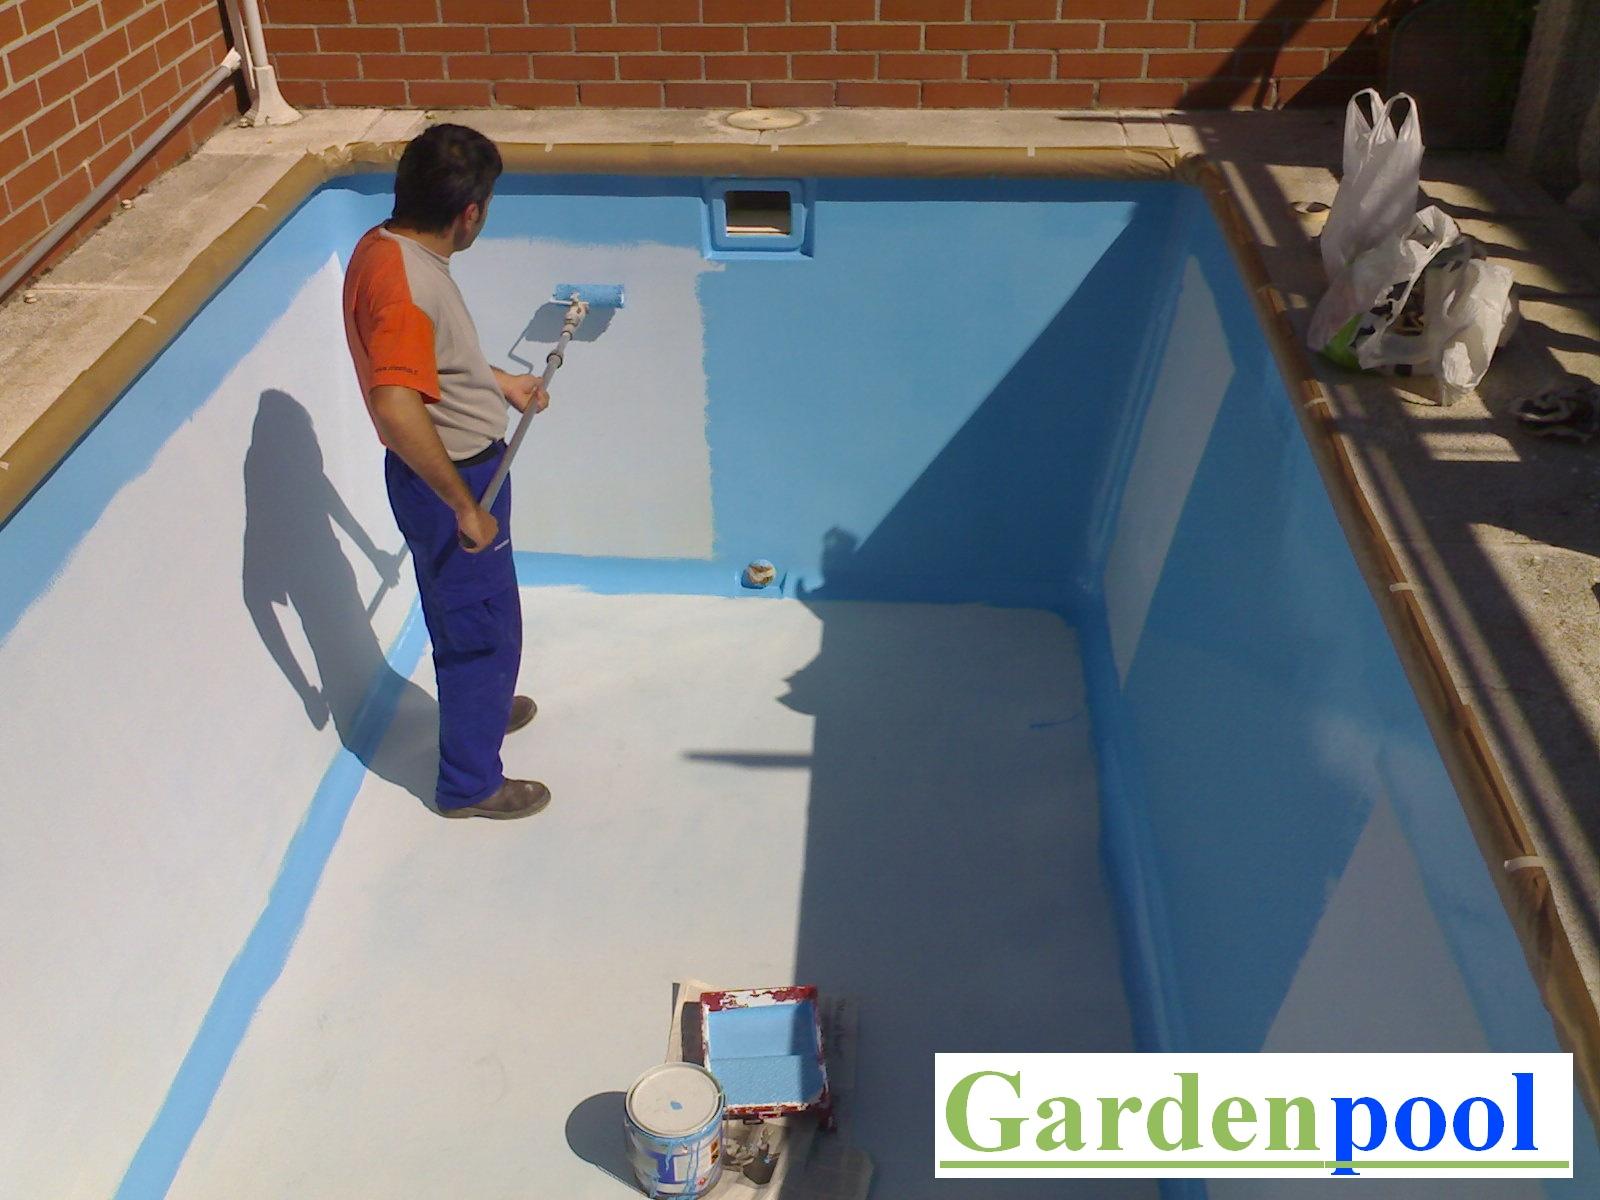 Pintura para piscinas en madrid pintores piscinas gardenpool - Pintura de piscina ...